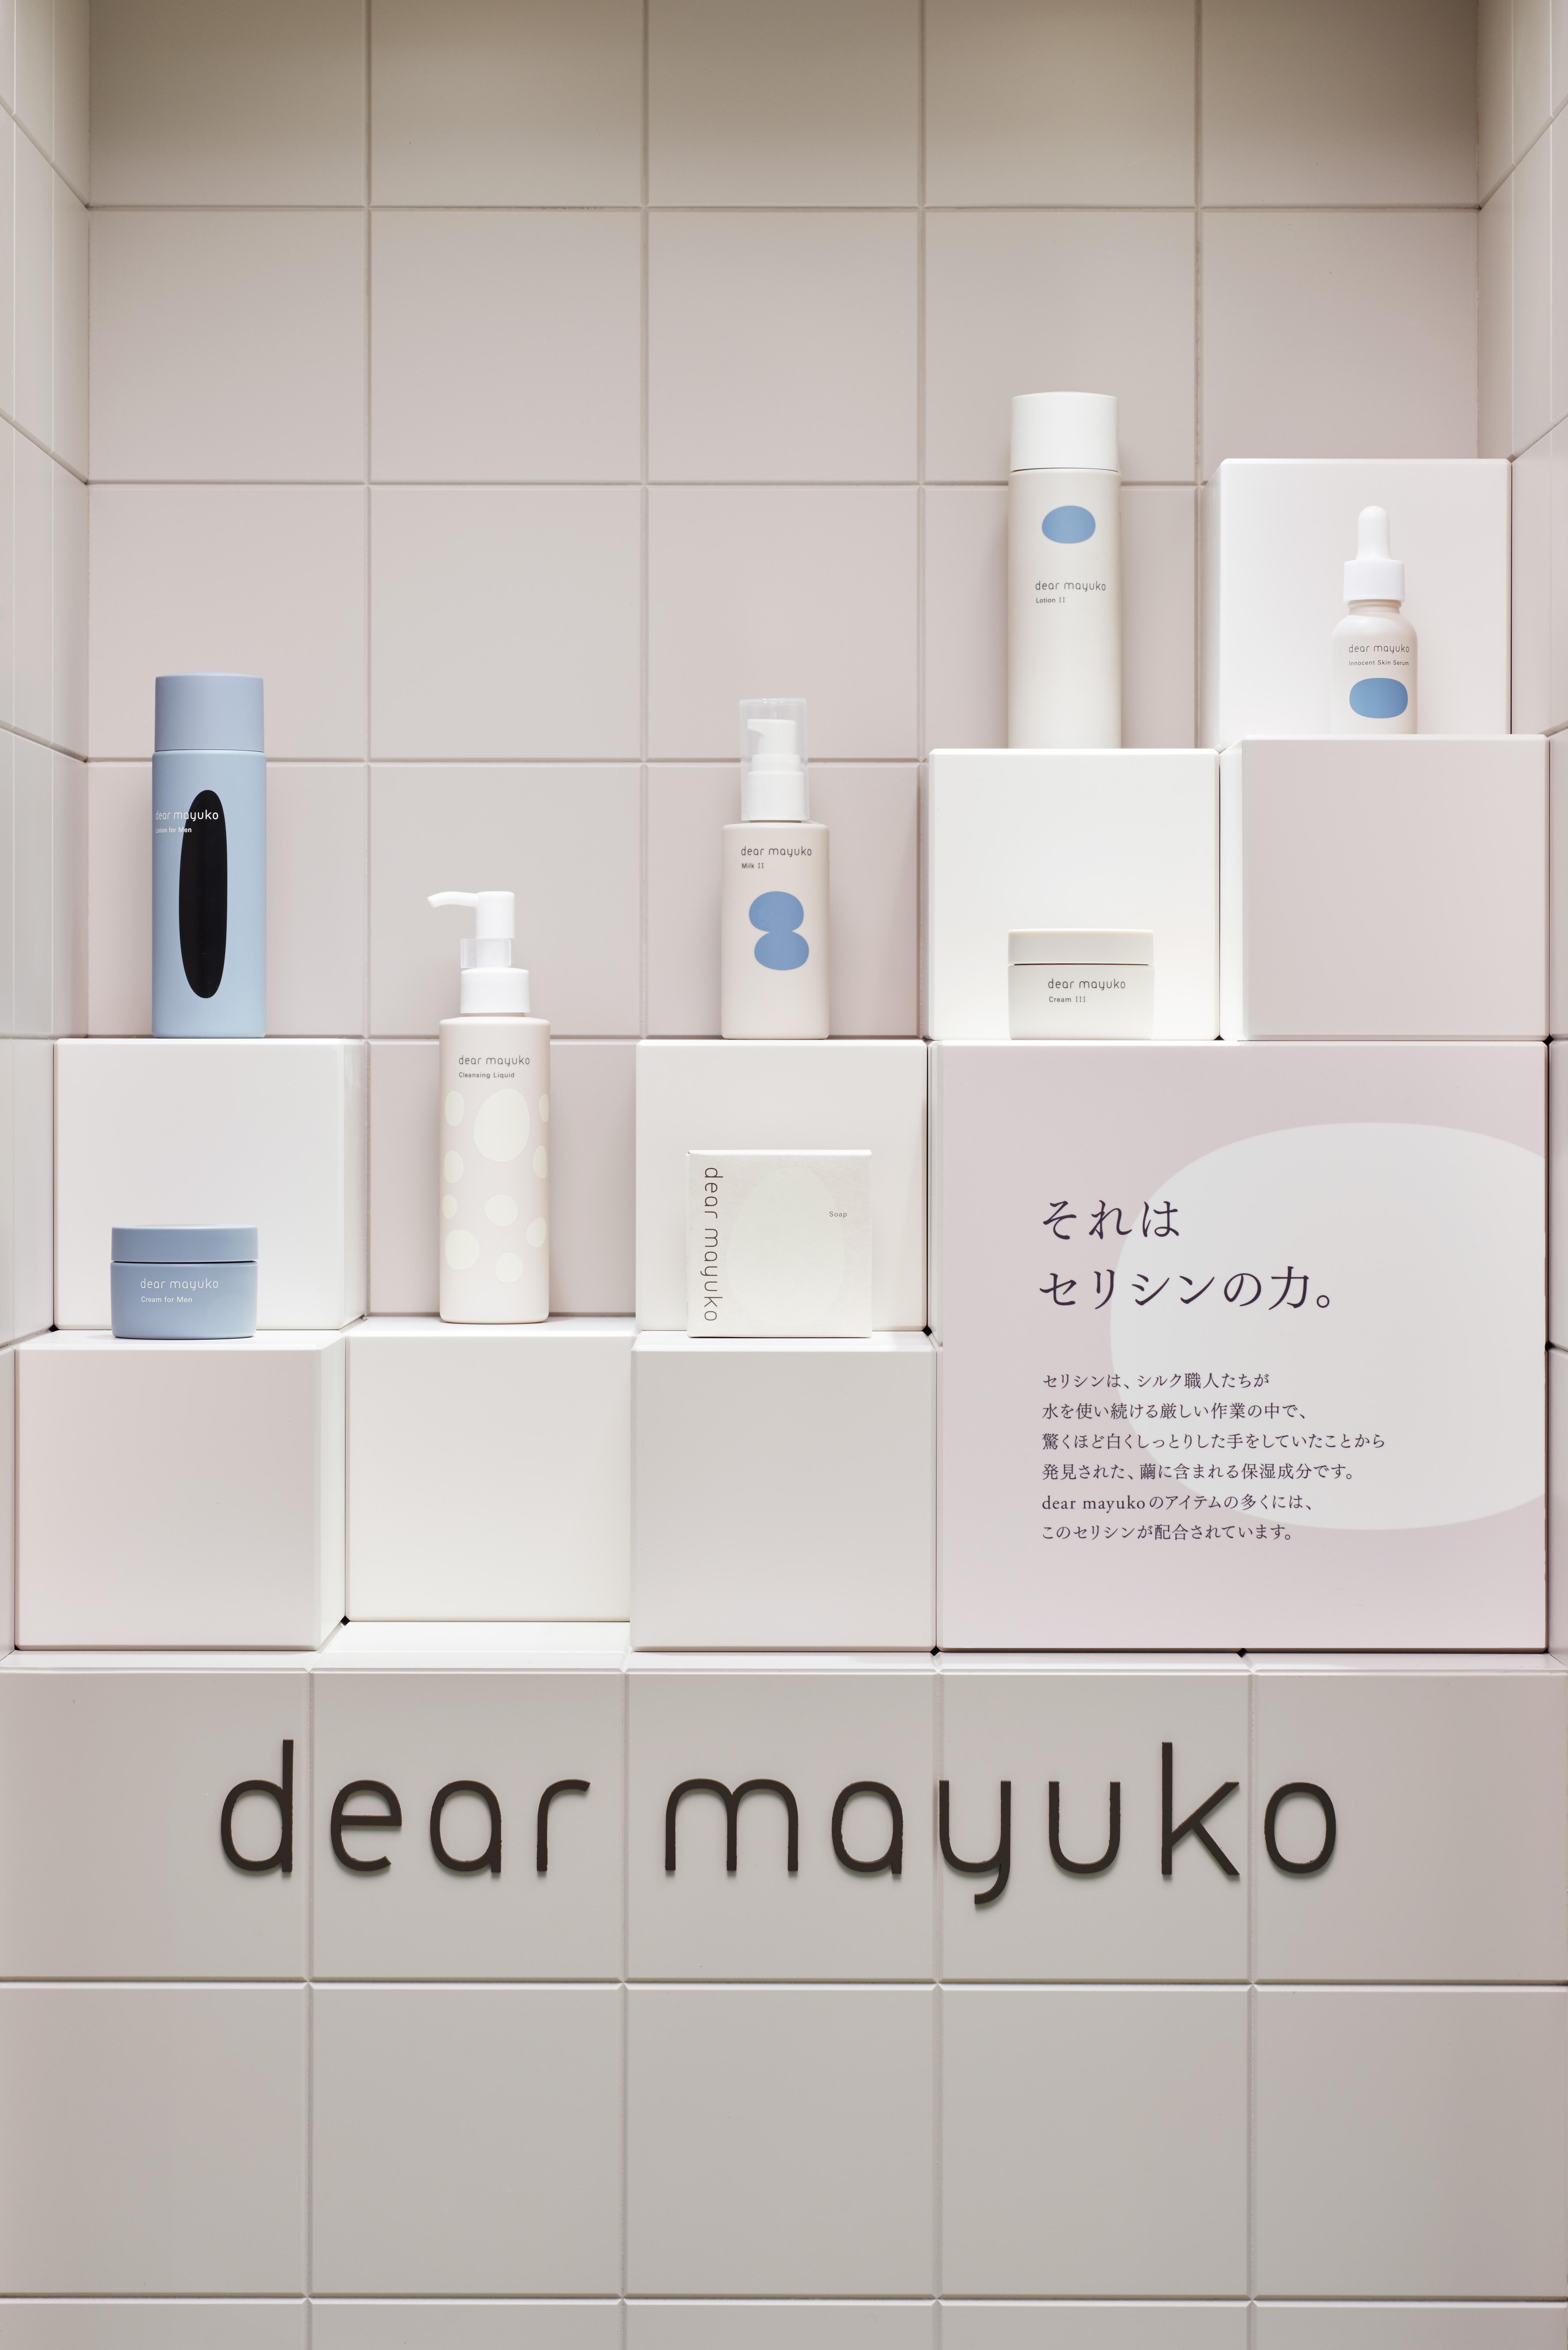 Dearmayuko_Nihonbashi